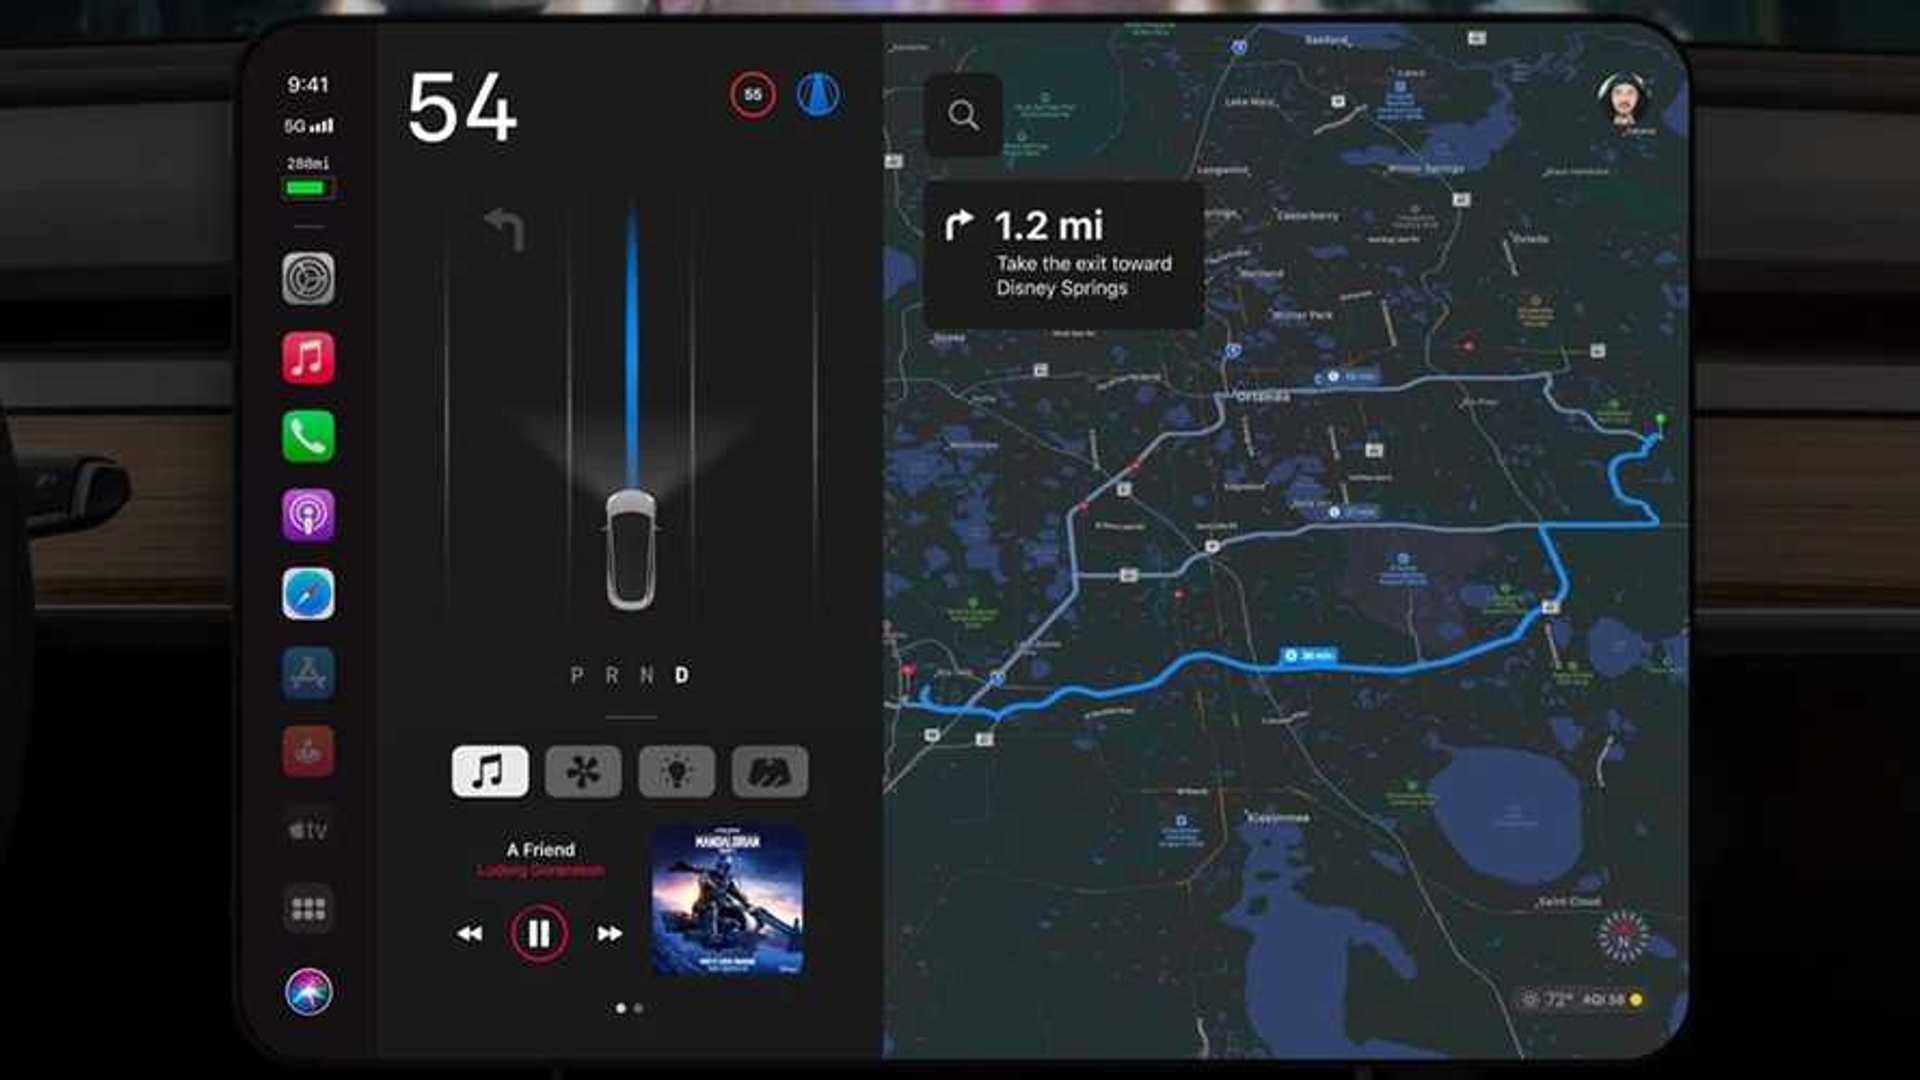 Если бы Apple разработала информационно-развлекательную систему Tesla, это могло бы выглядеть так